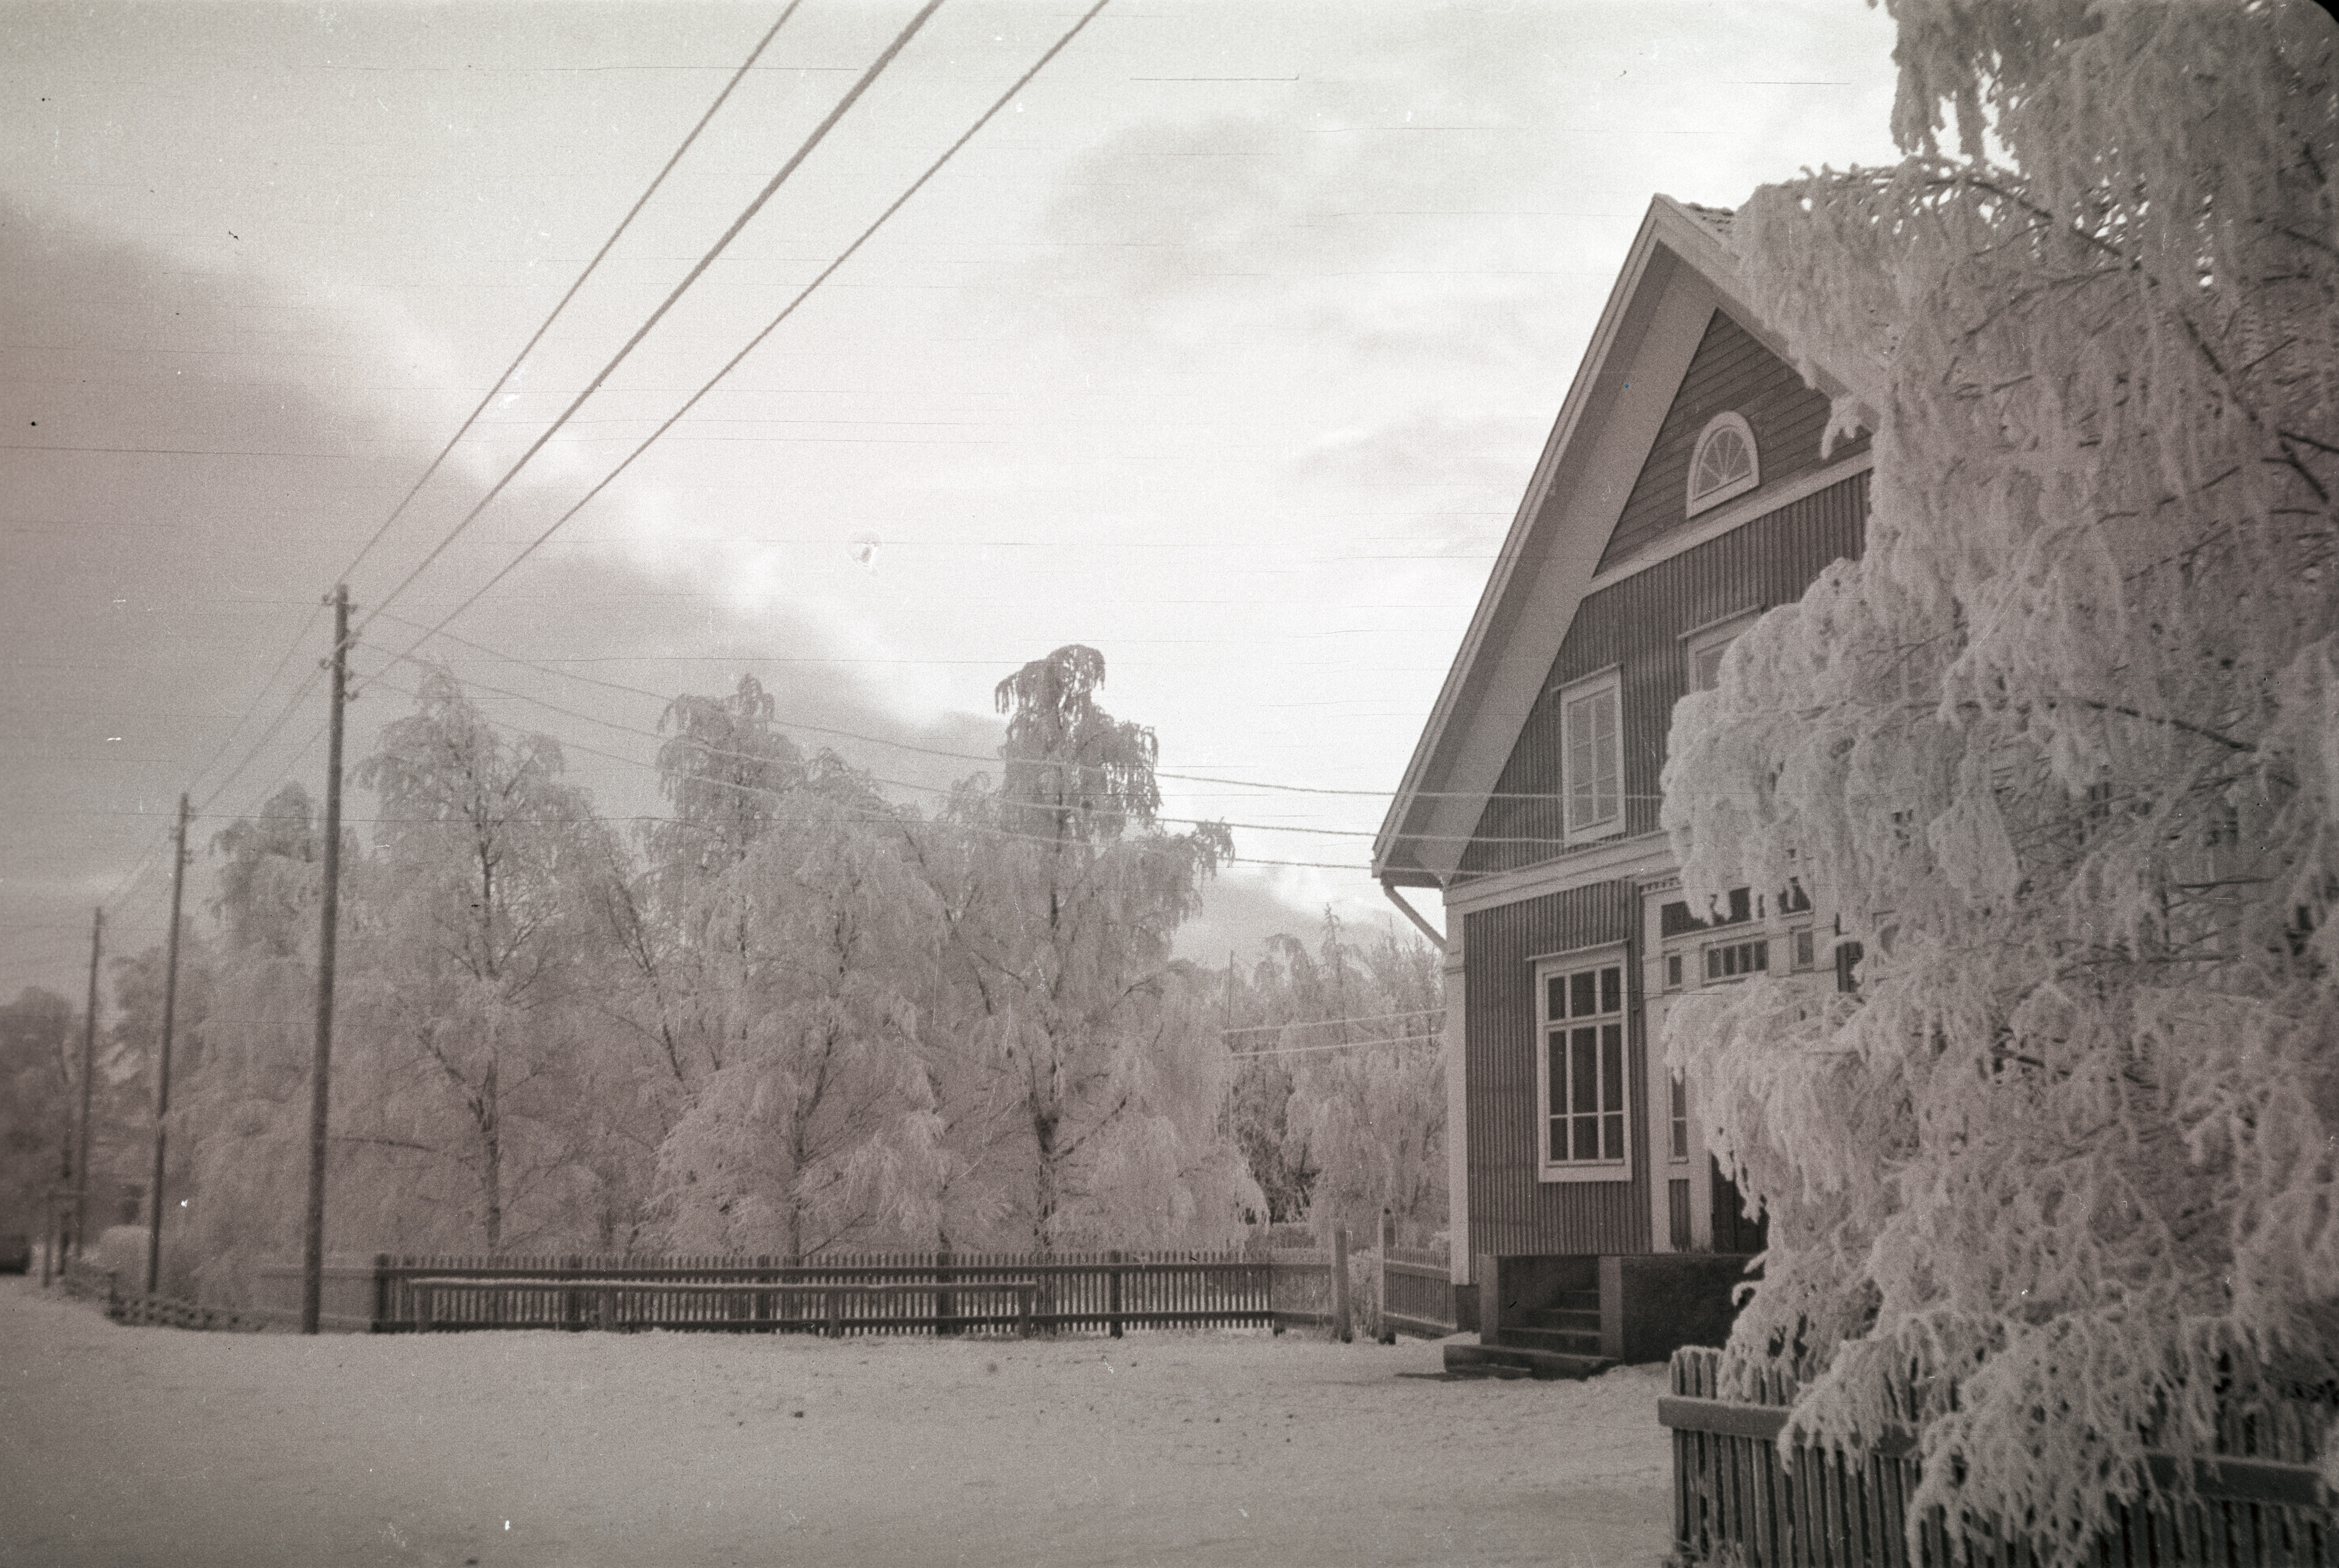 År 1919 avgick Wadström som lärare i Dagsmark och han blev då föreståndare för Unionbanken i Lappfjärd, alltså den bank som sedan blev Helsingfors Aktiebank. Den vackra bilden är tagen av Selim Björses, där bankhuset knappt syns bakom rimfrosten.